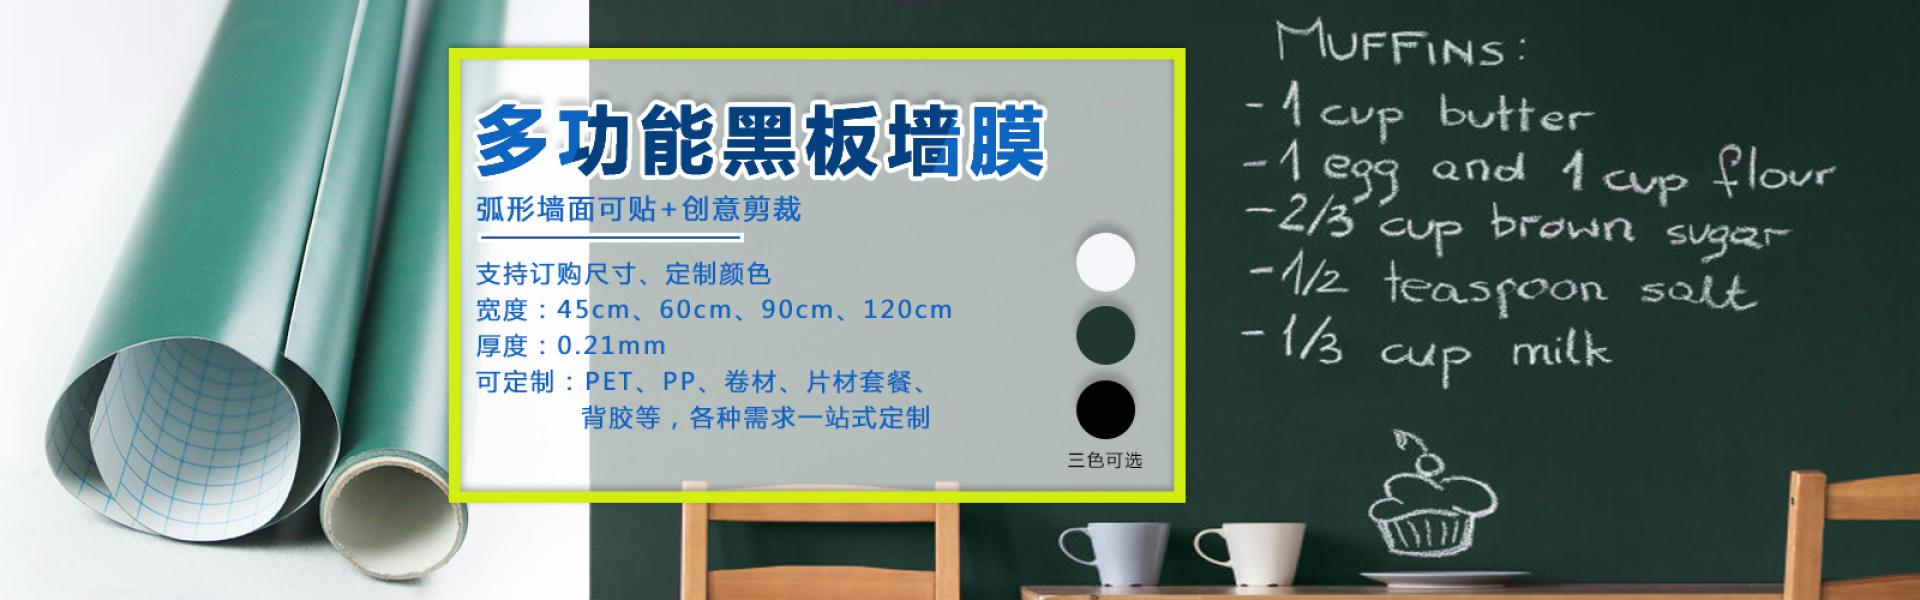 多功能黑板墙膜 涂鸦墙膜 PP环保墙膜 黑板贴 黑板墙